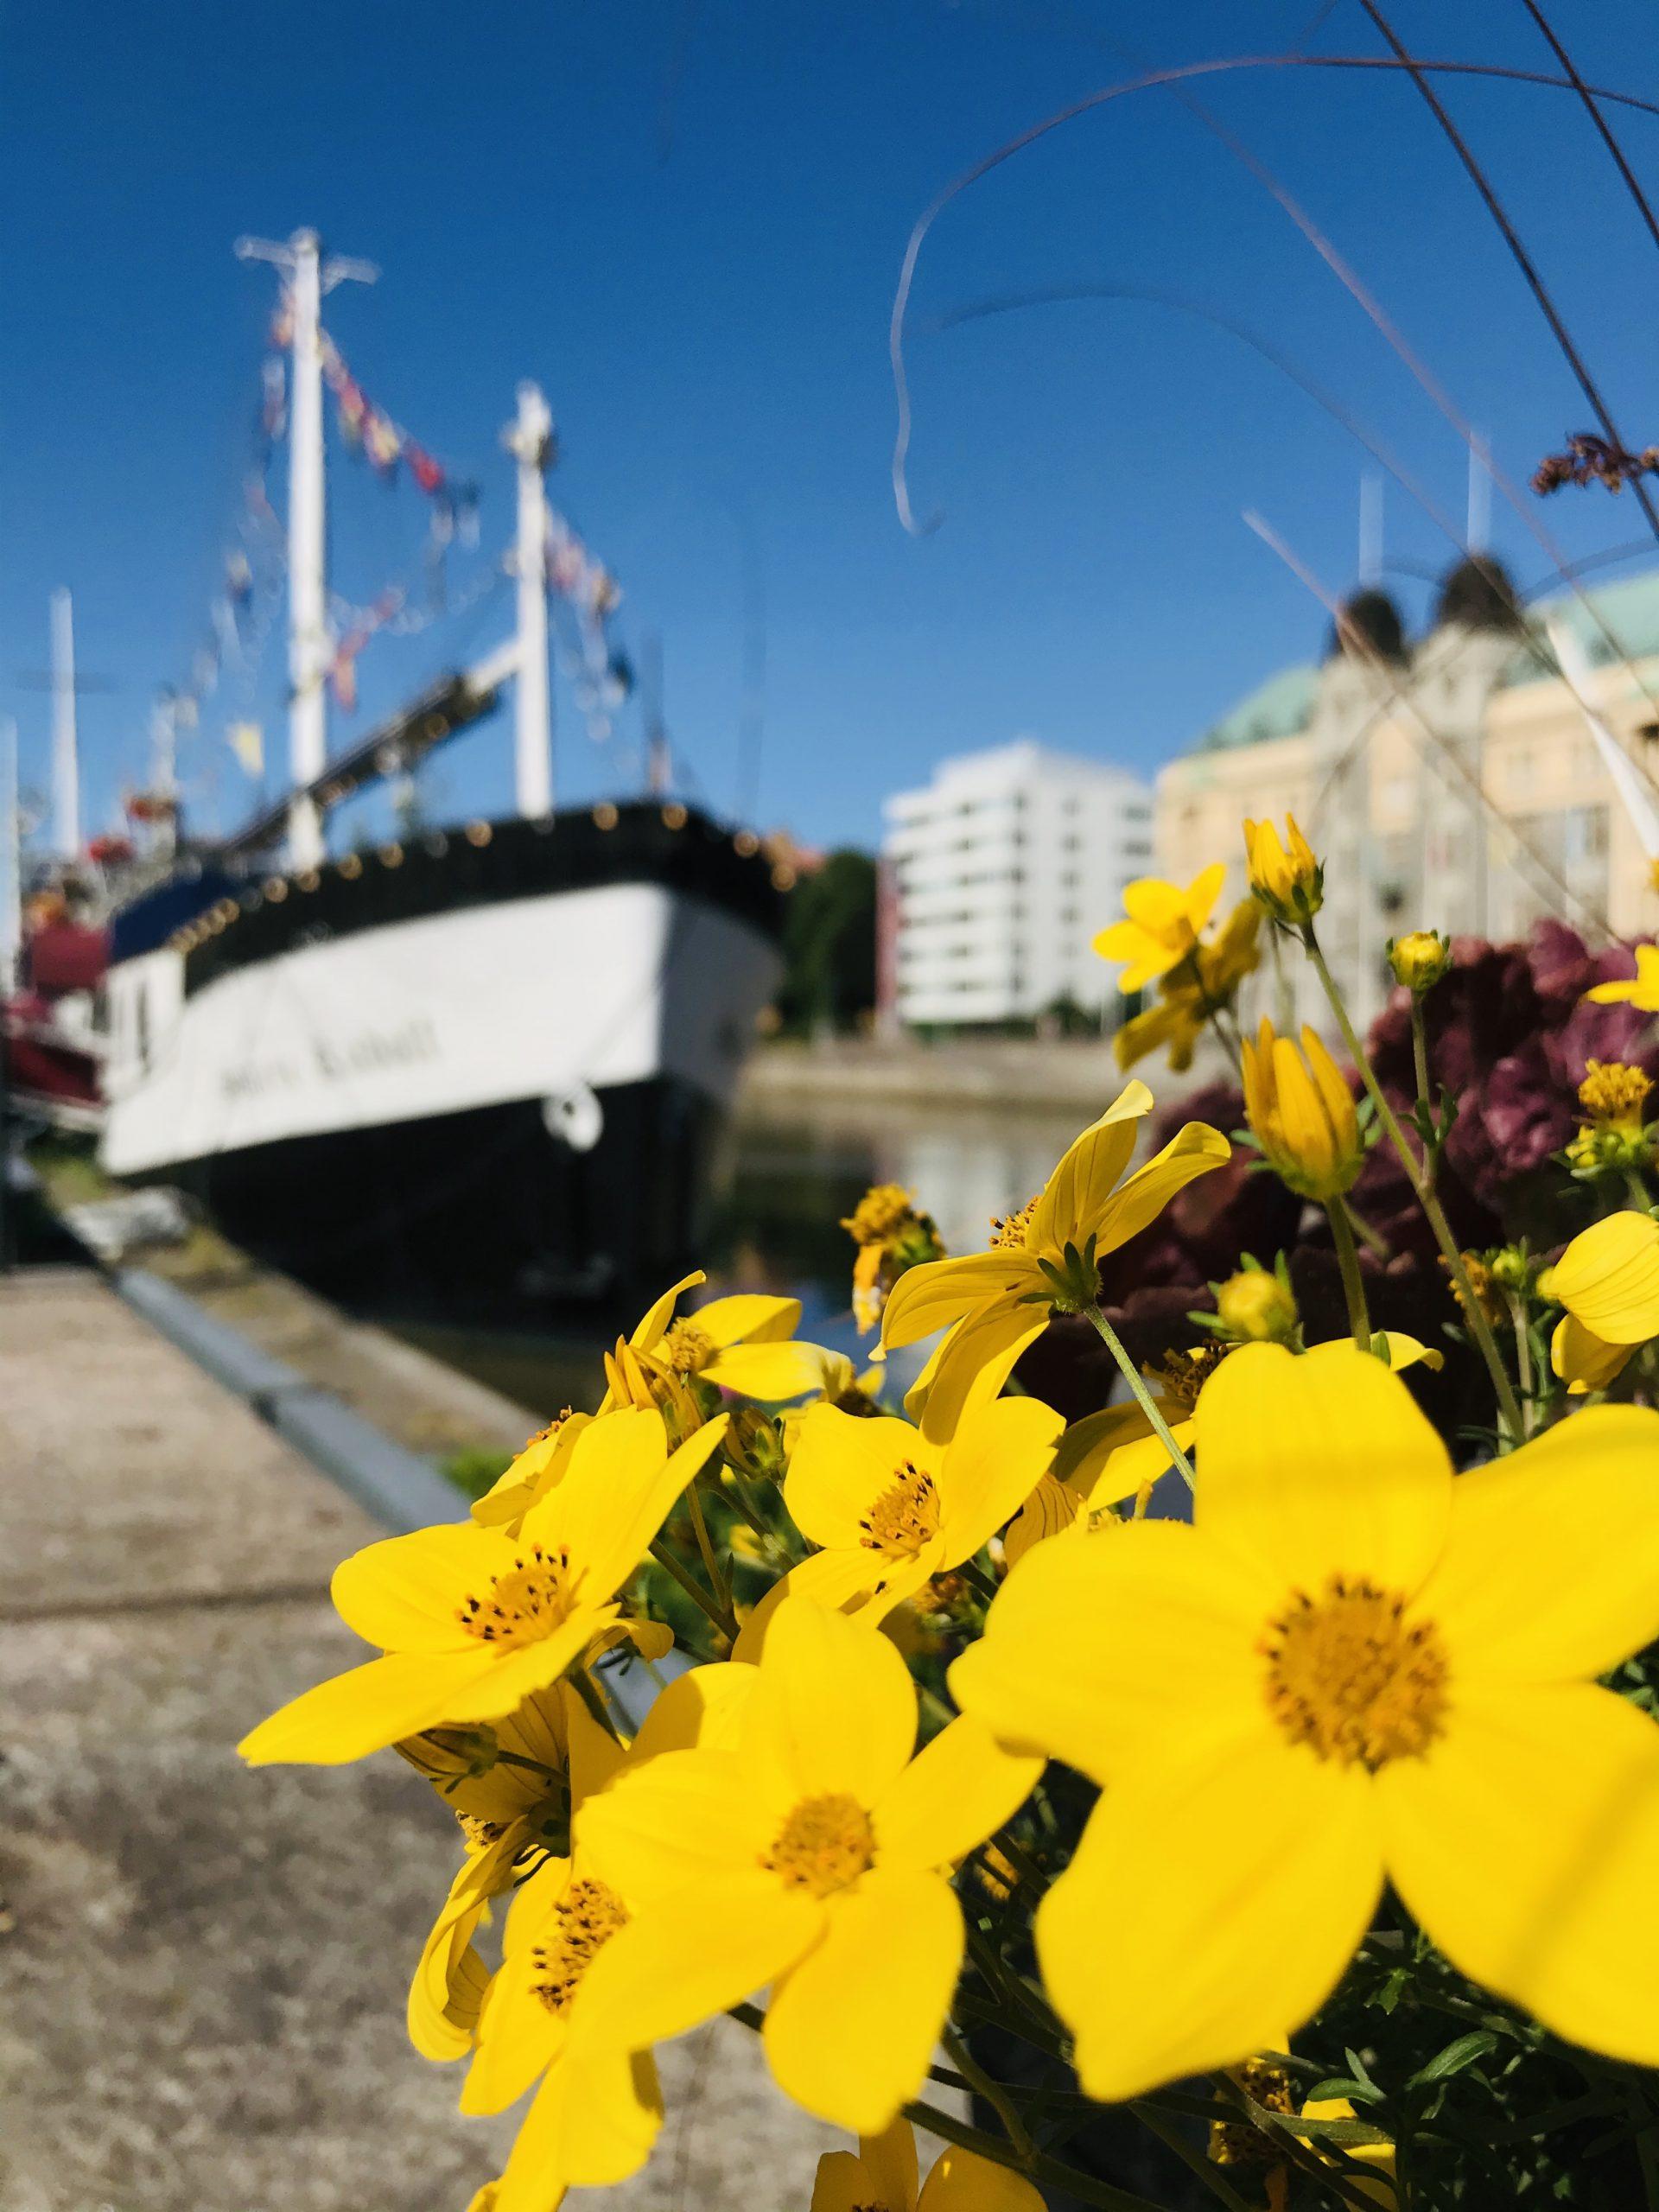 elluyellow Turun jokirannan laivoilla, keltaiset kukat